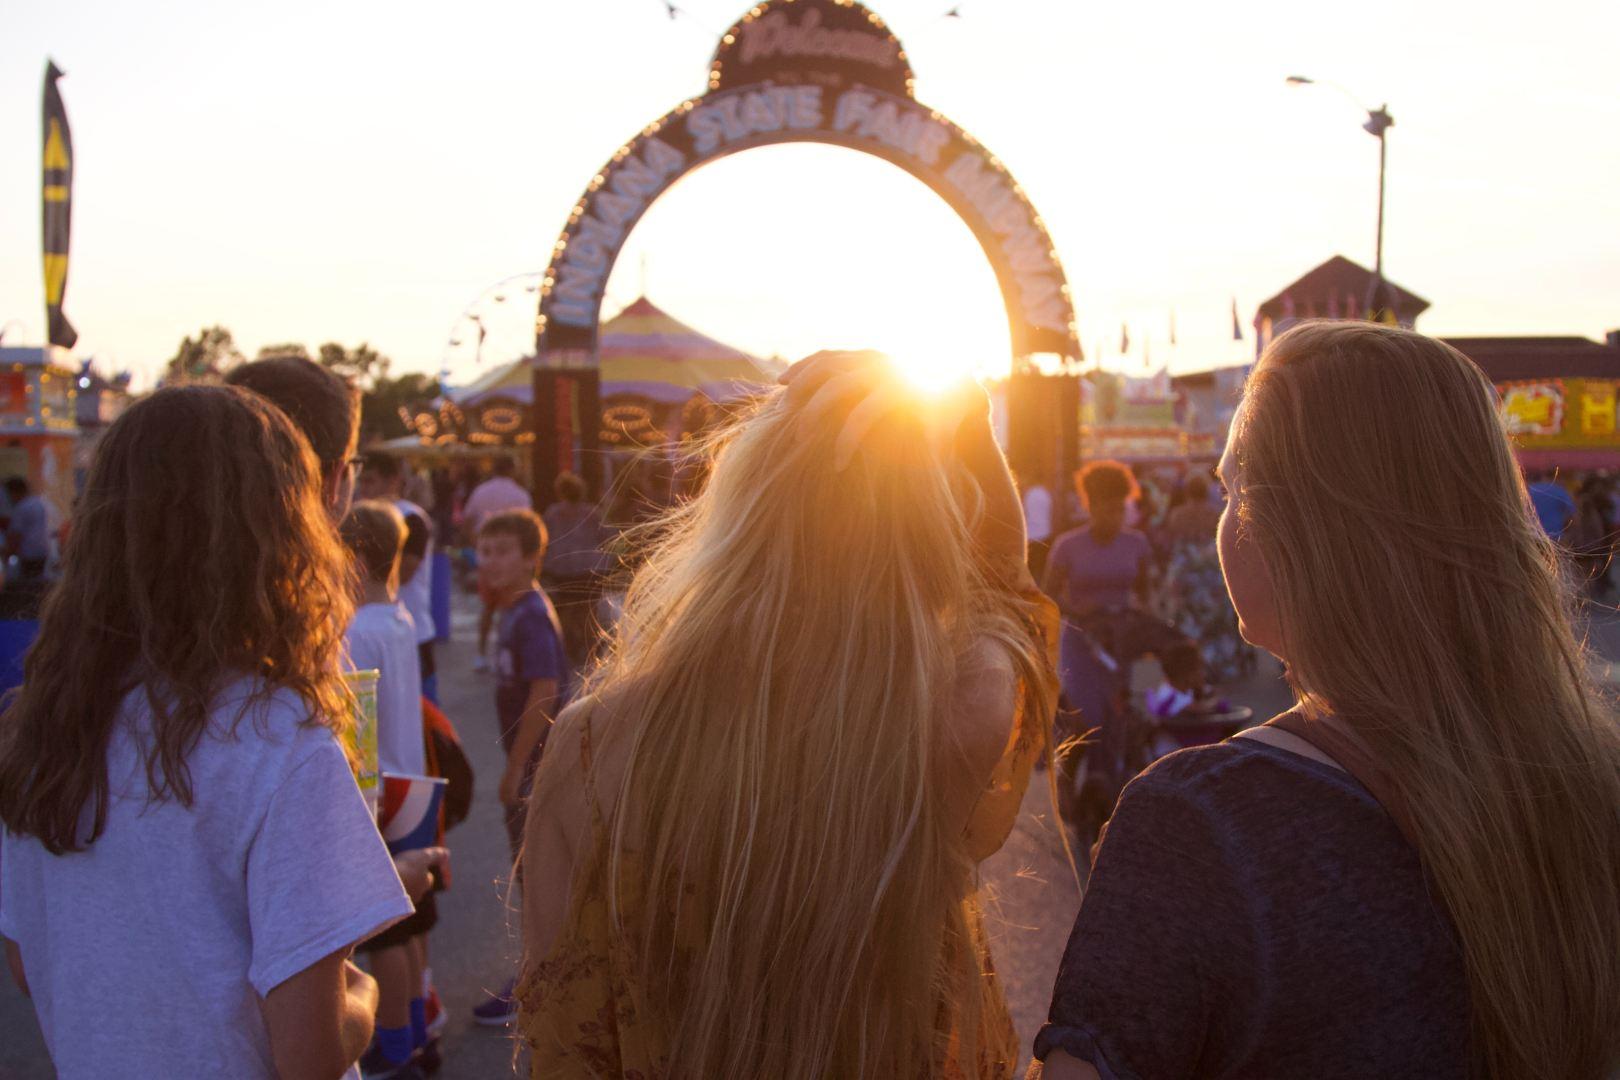 girls summer fair carnival sunset sun